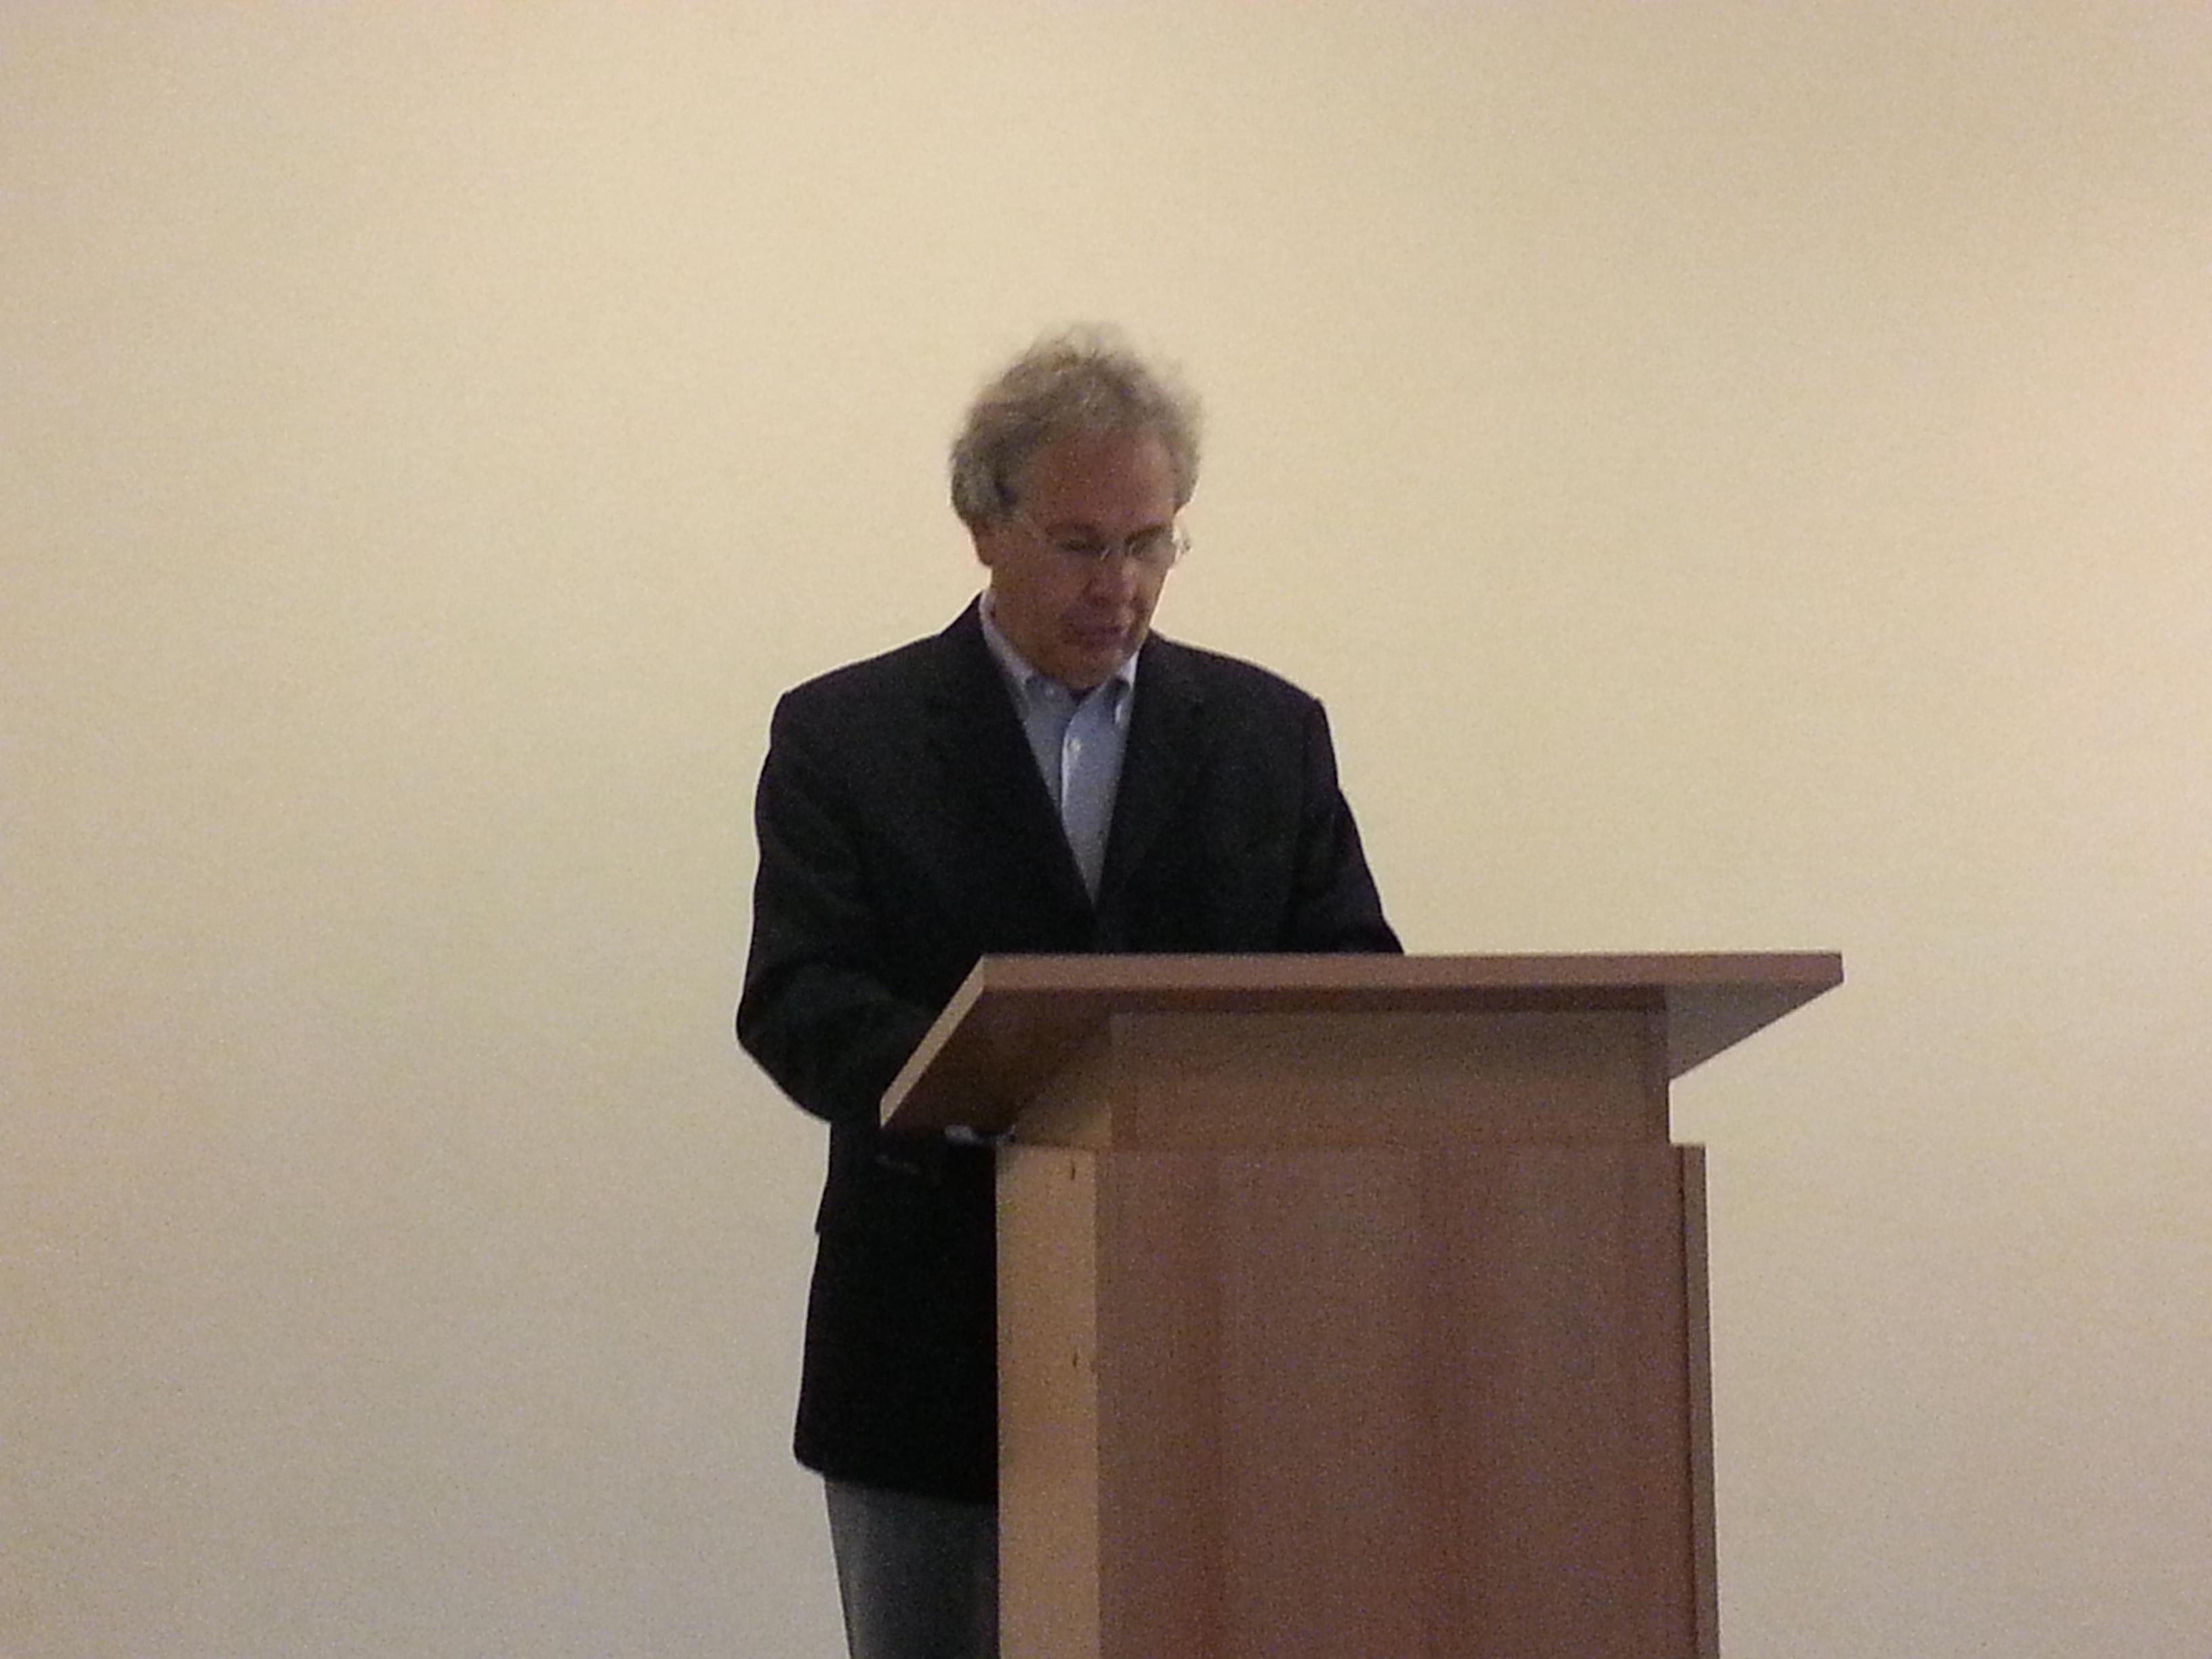 Victor Streifinger von der Tischtennisabteilung der TSG Wehrheim begrüßt die Gäste.